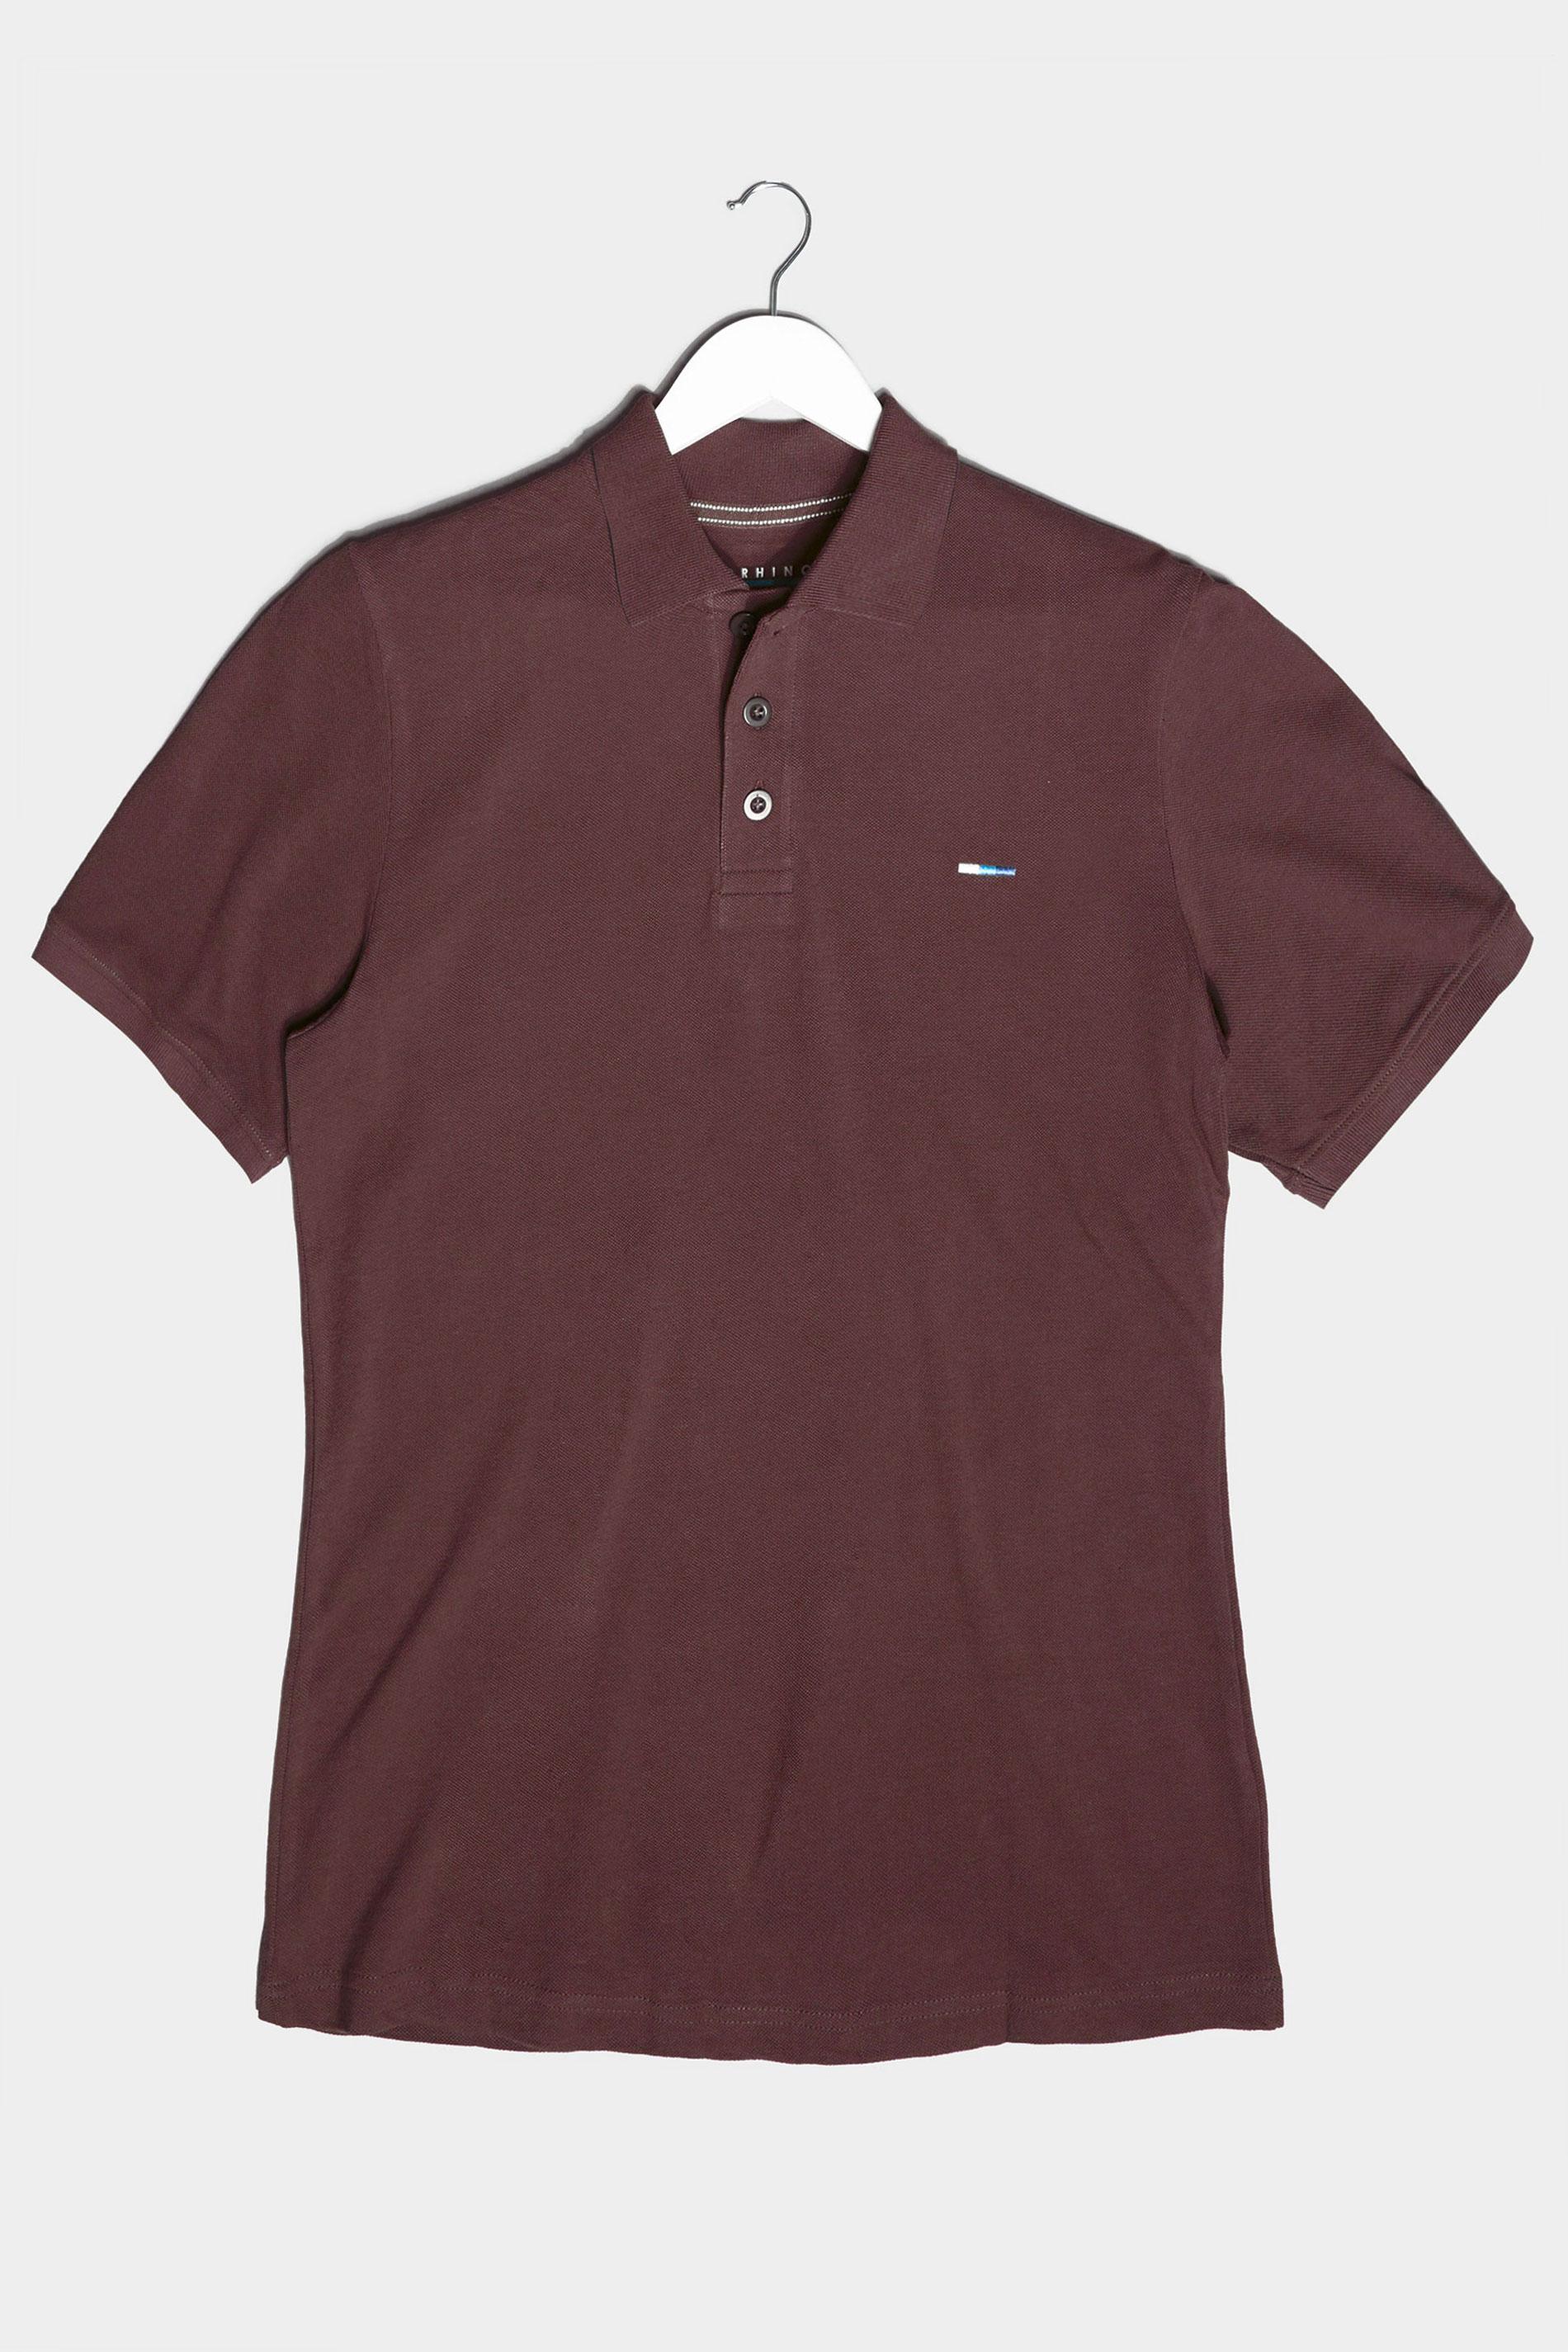 BadRhino Burgundy Essential Polo Shirt